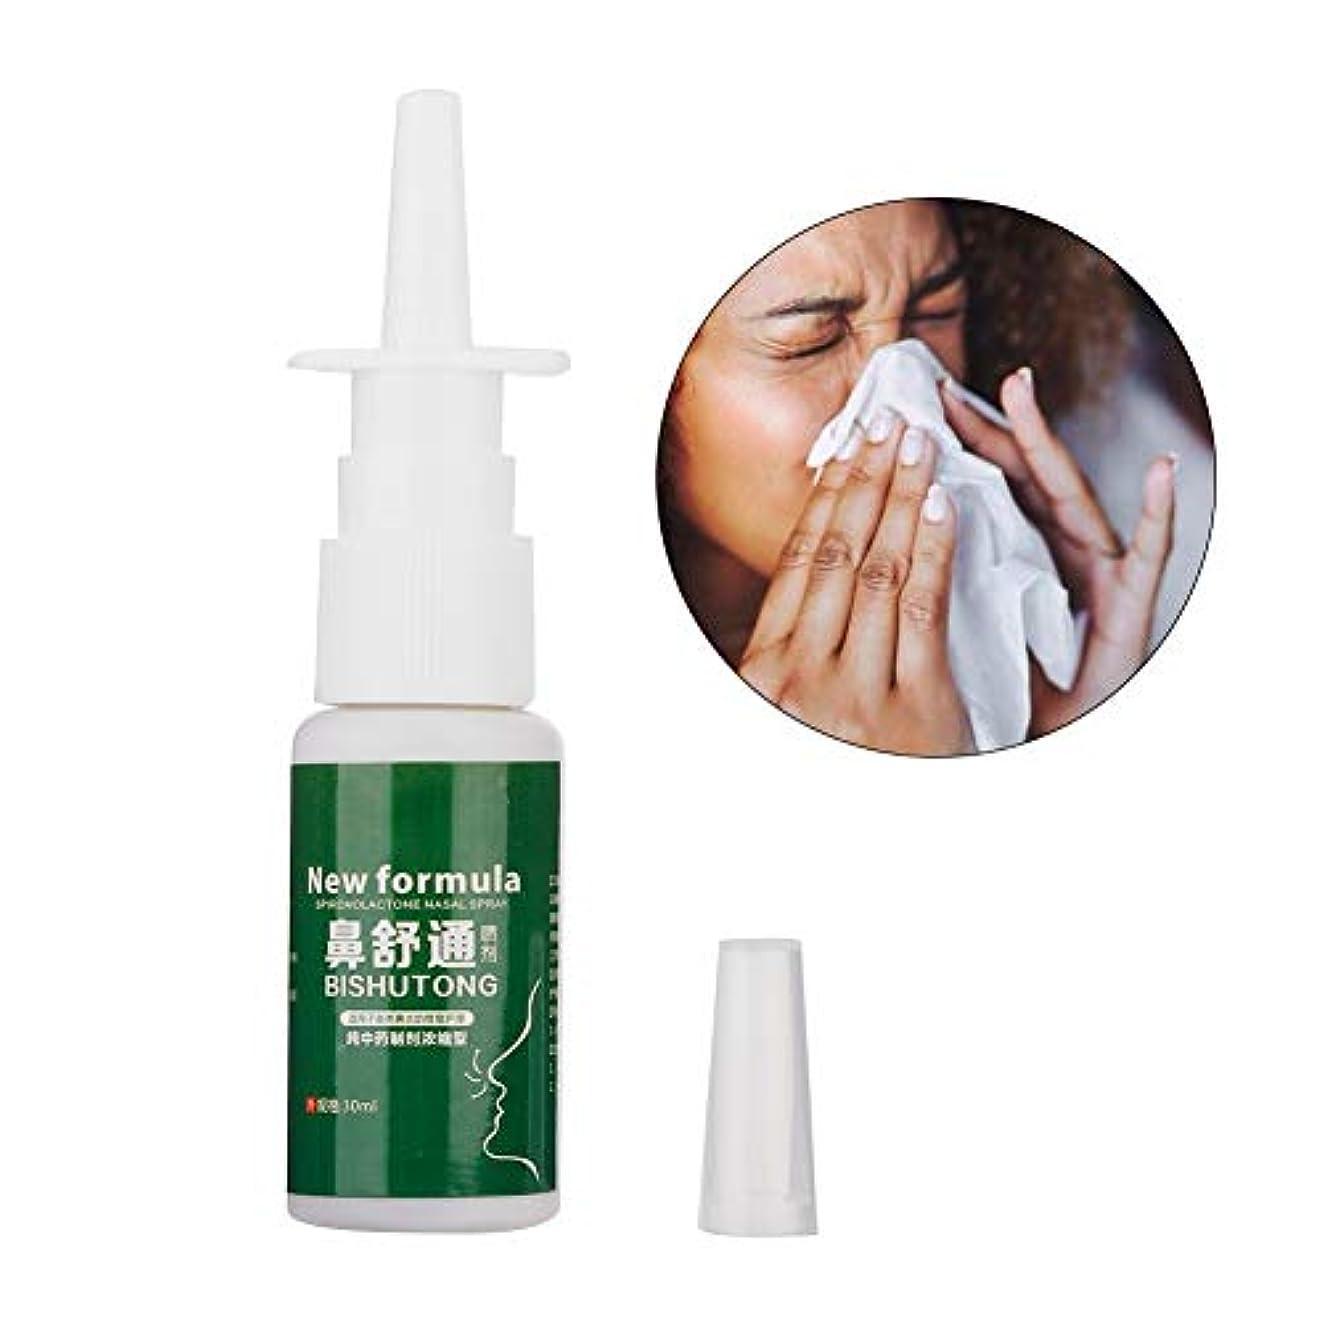 ディベート準備する皿鼻アレルギー鼻炎スプレー、30ml鼻炎ハーブスプレー鼻アレルギーとかゆみ鼻炎のための漢方薬